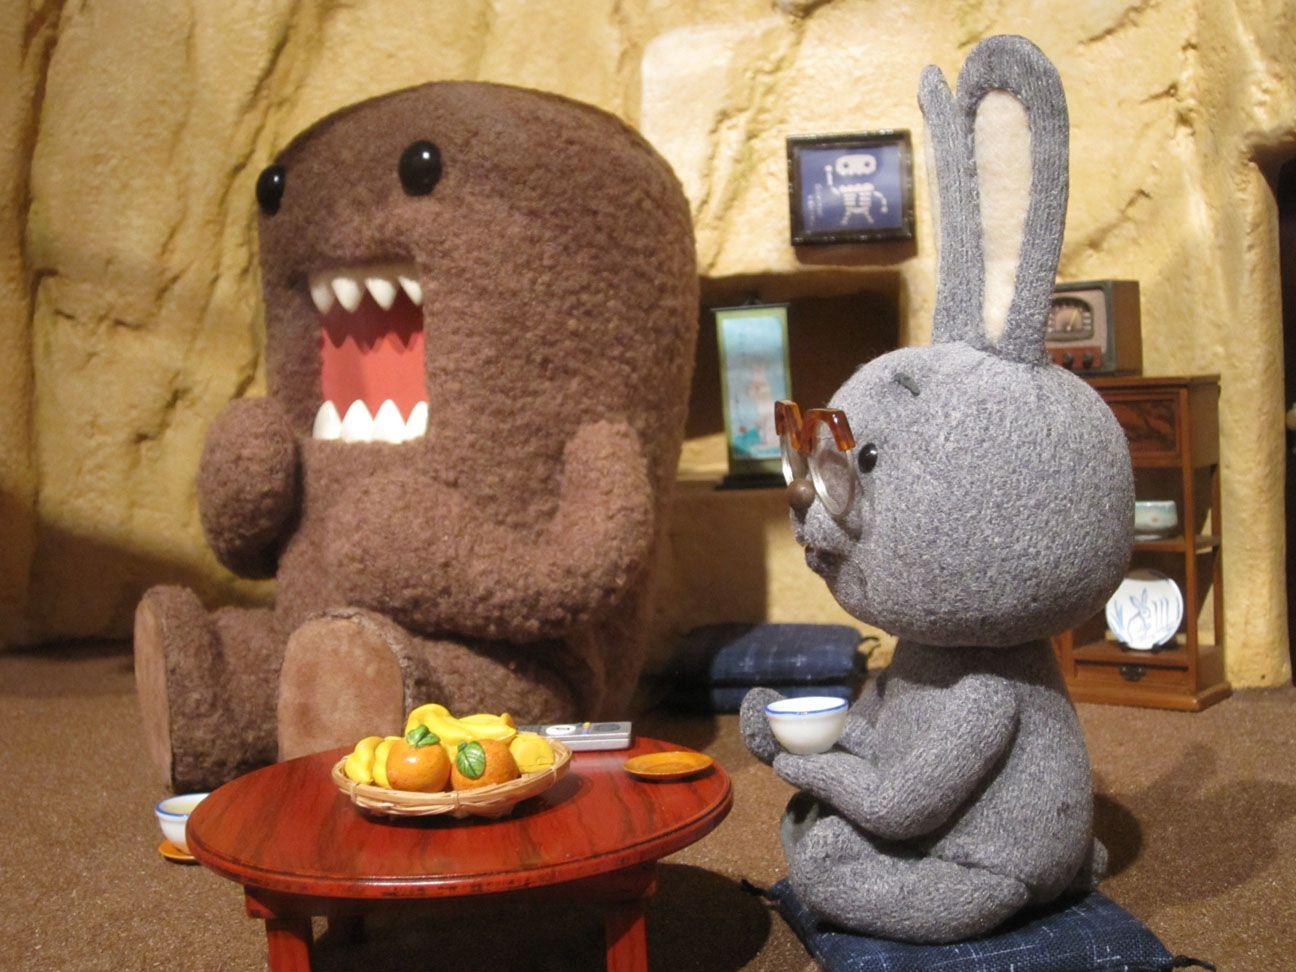 どーもくん 僕の唐揚げサンドを食べなよ どーもくん コマ撮り かわいい